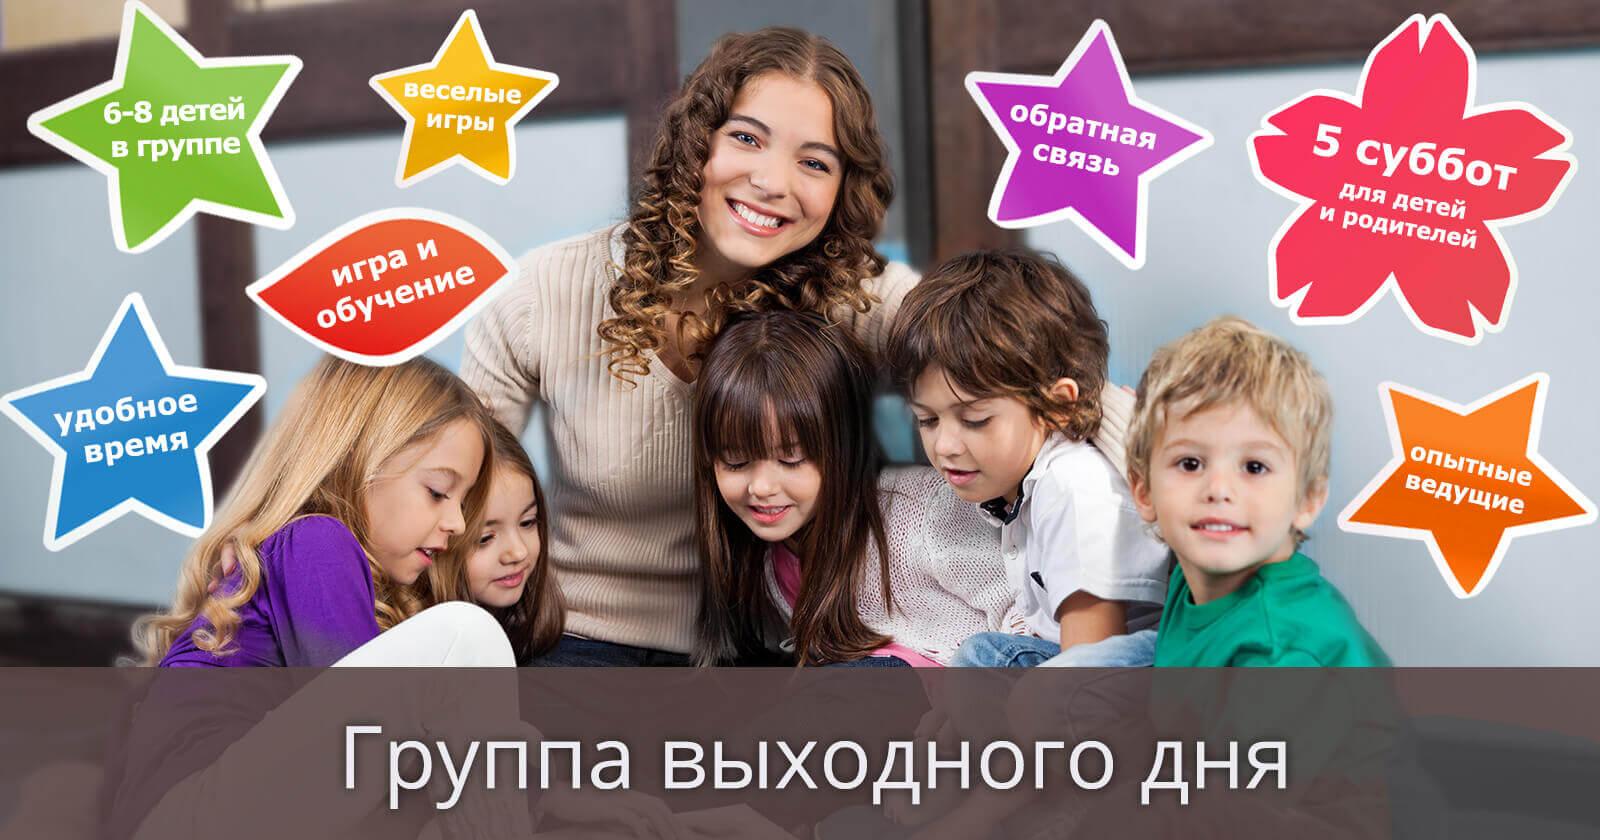 Календарь пола на 2012